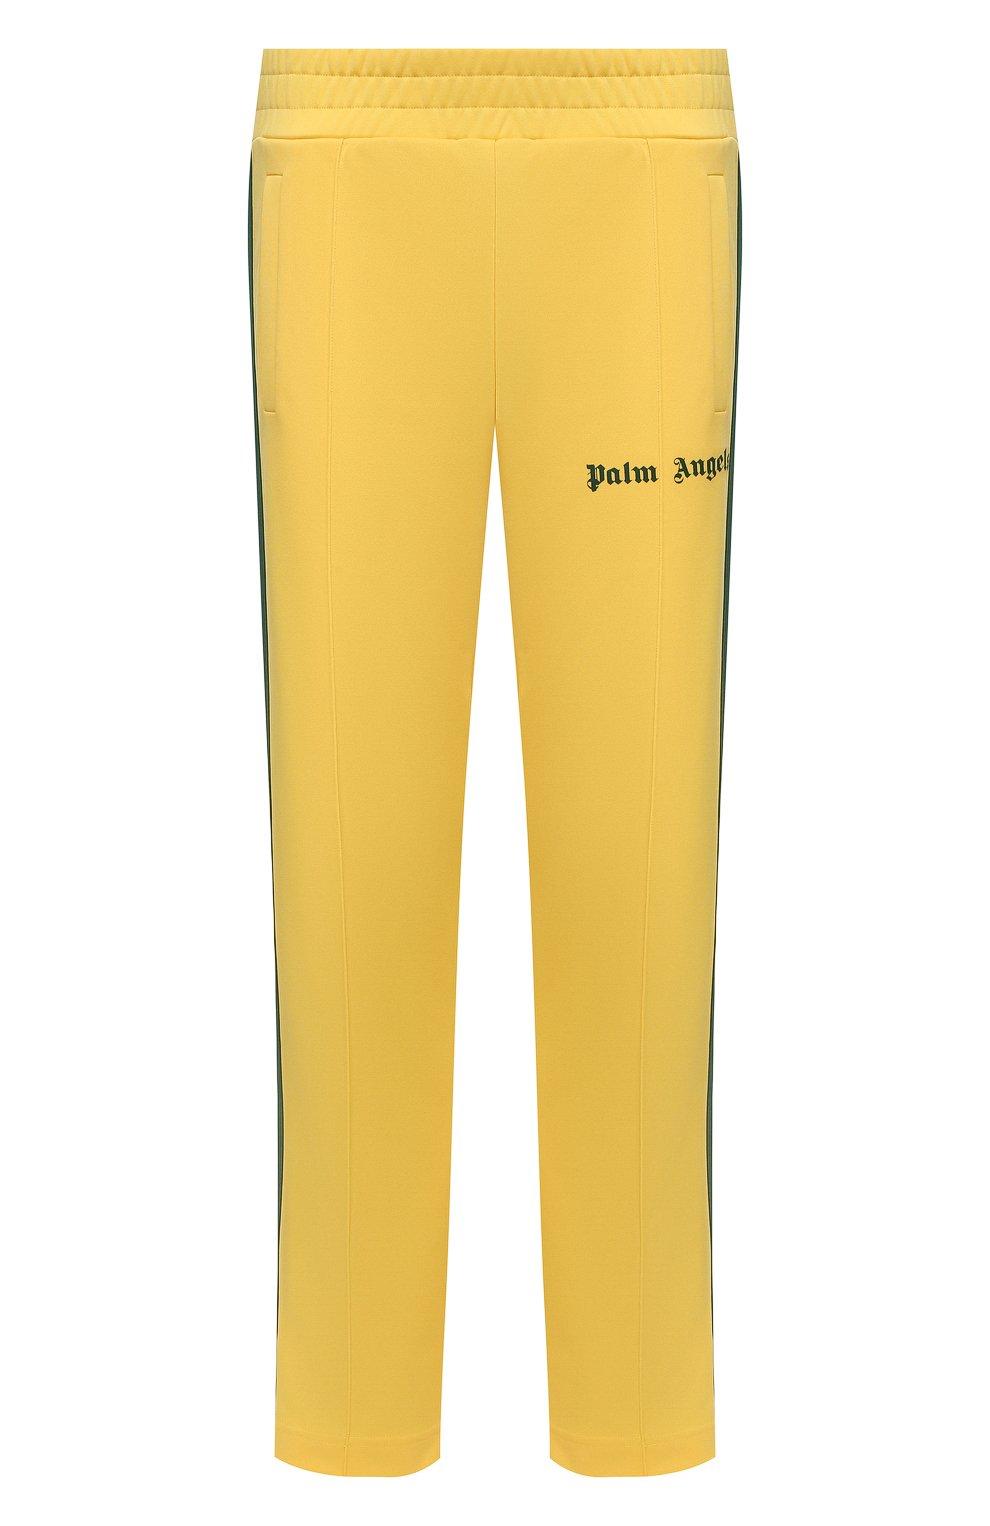 Мужские брюки PALM ANGELS желтого цвета, арт. PMCA007S21FAB0031855   Фото 1 (Мужское Кросс-КТ: Брюки-трикотаж; Длина (брюки, джинсы): Стандартные; Случай: Повседневный; Материал внешний: Синтетический материал; Стили: Спорт-шик)